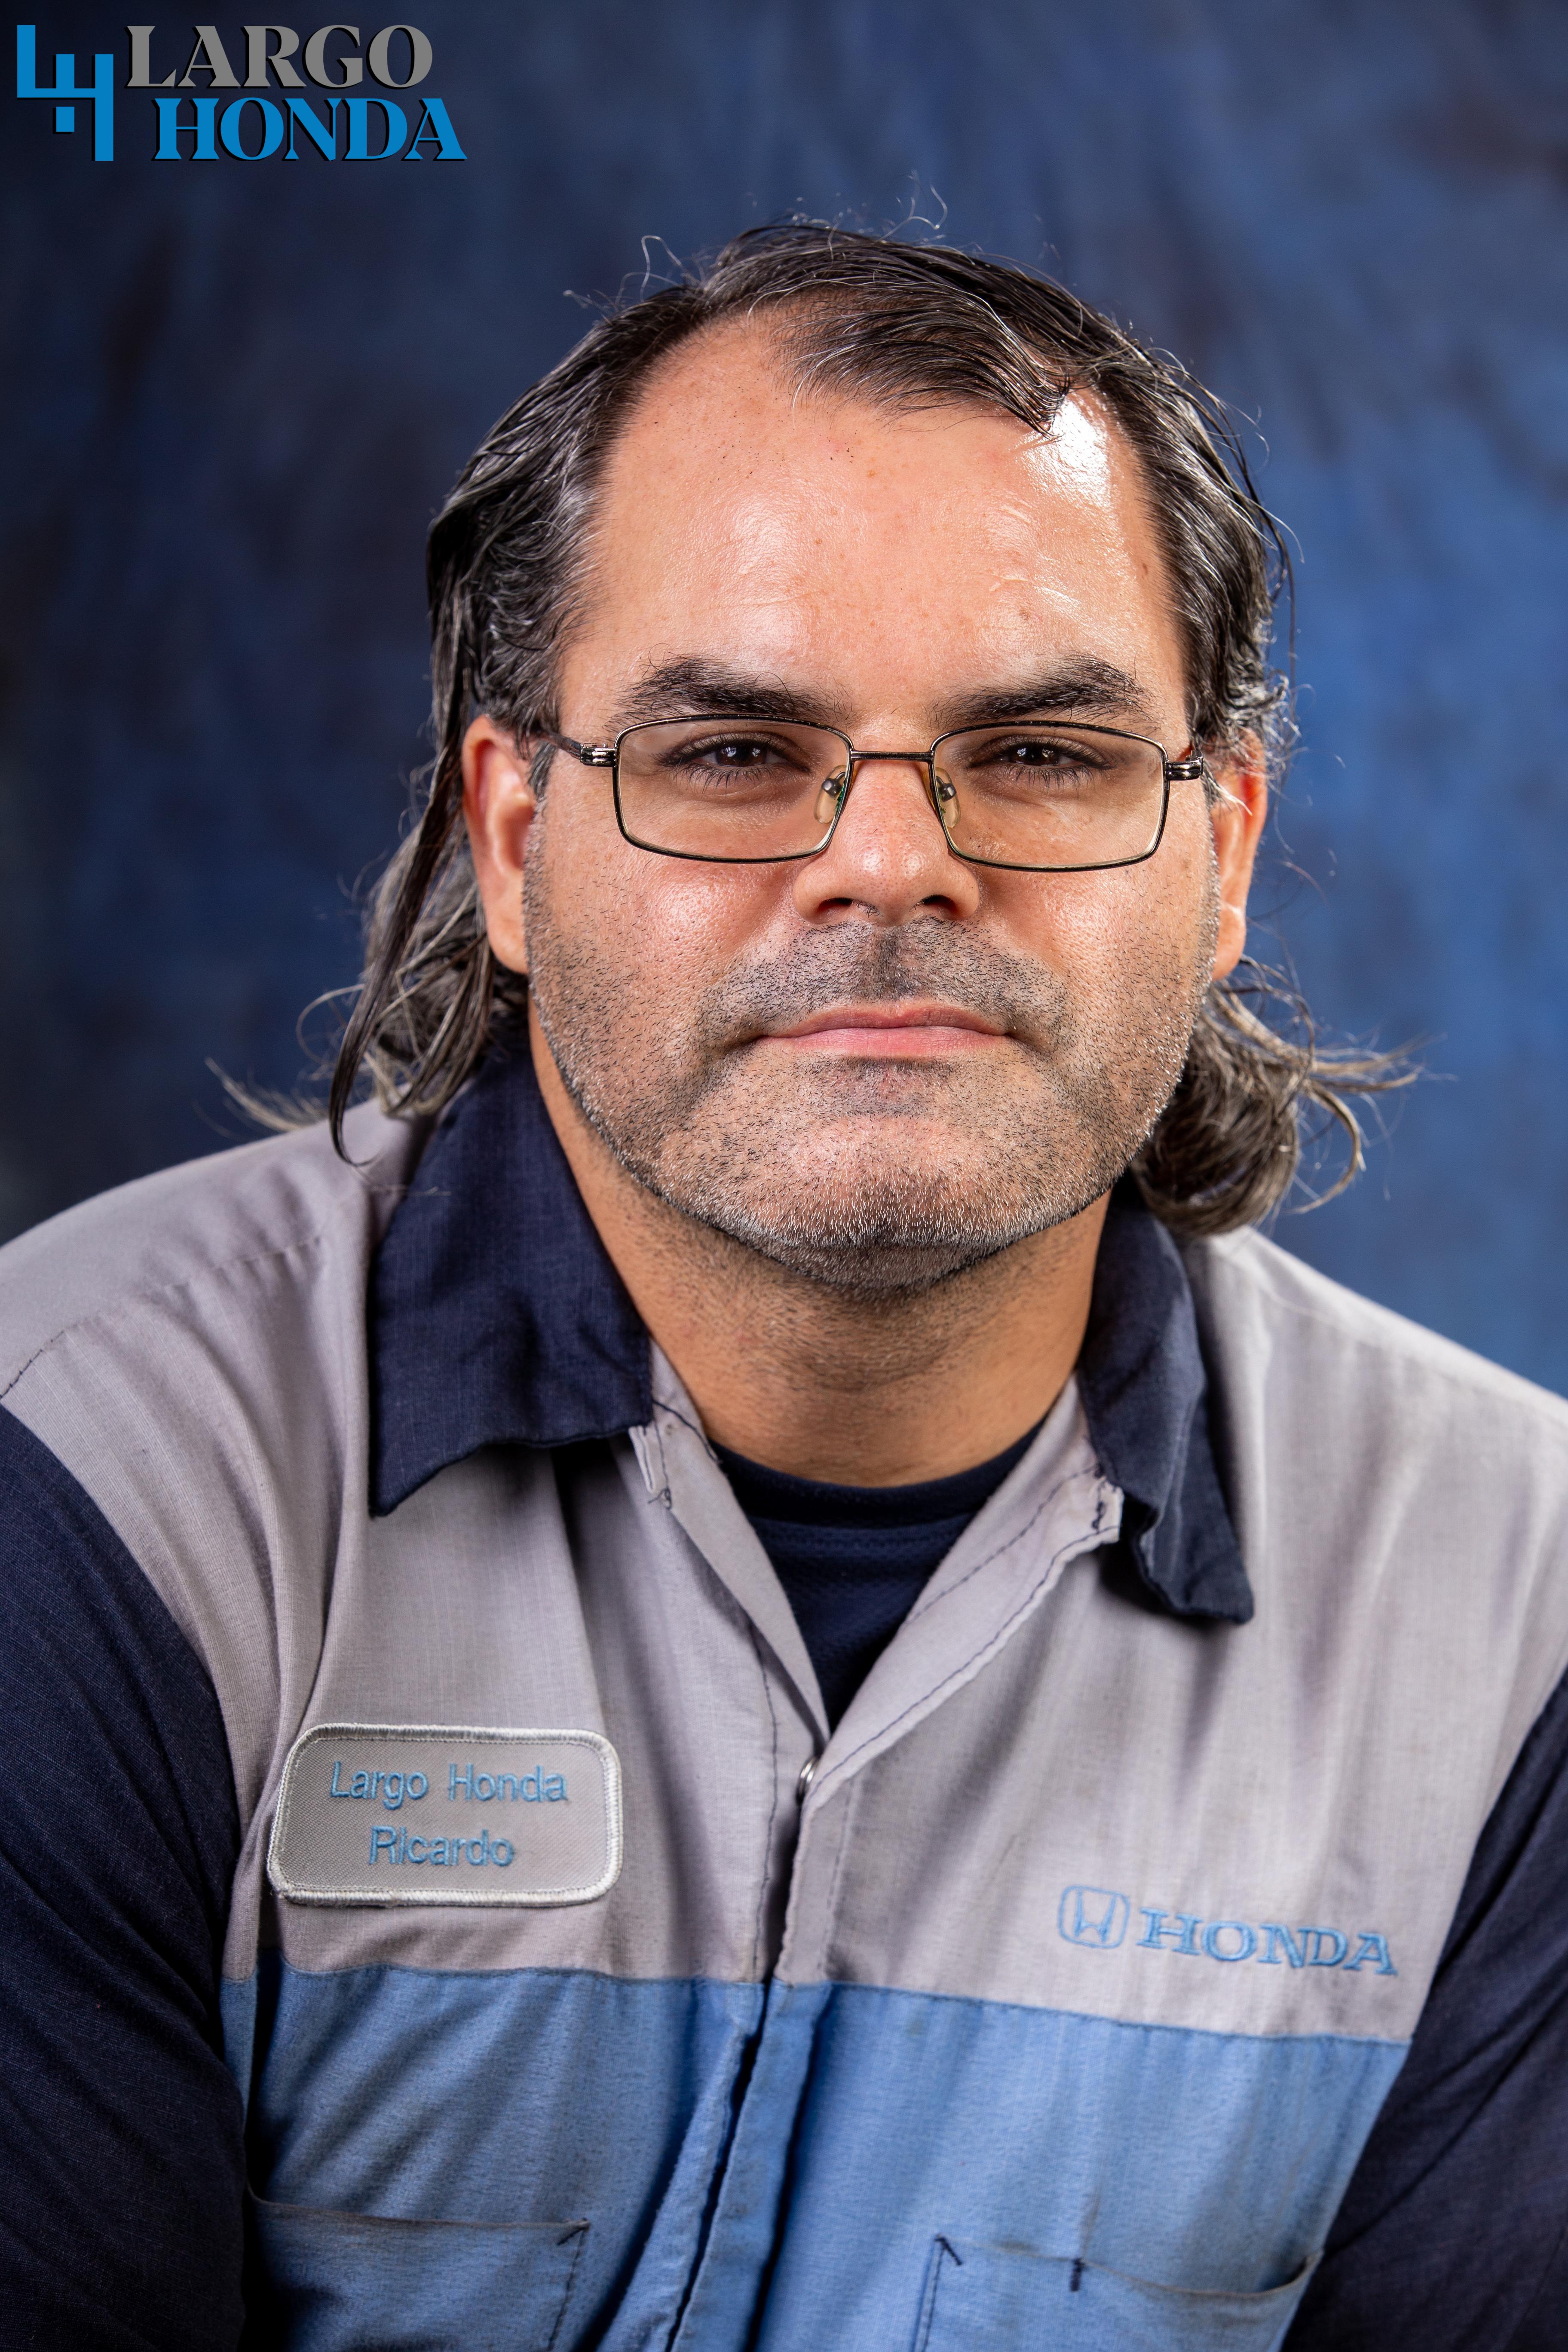 Ricardo Padron Bio Image